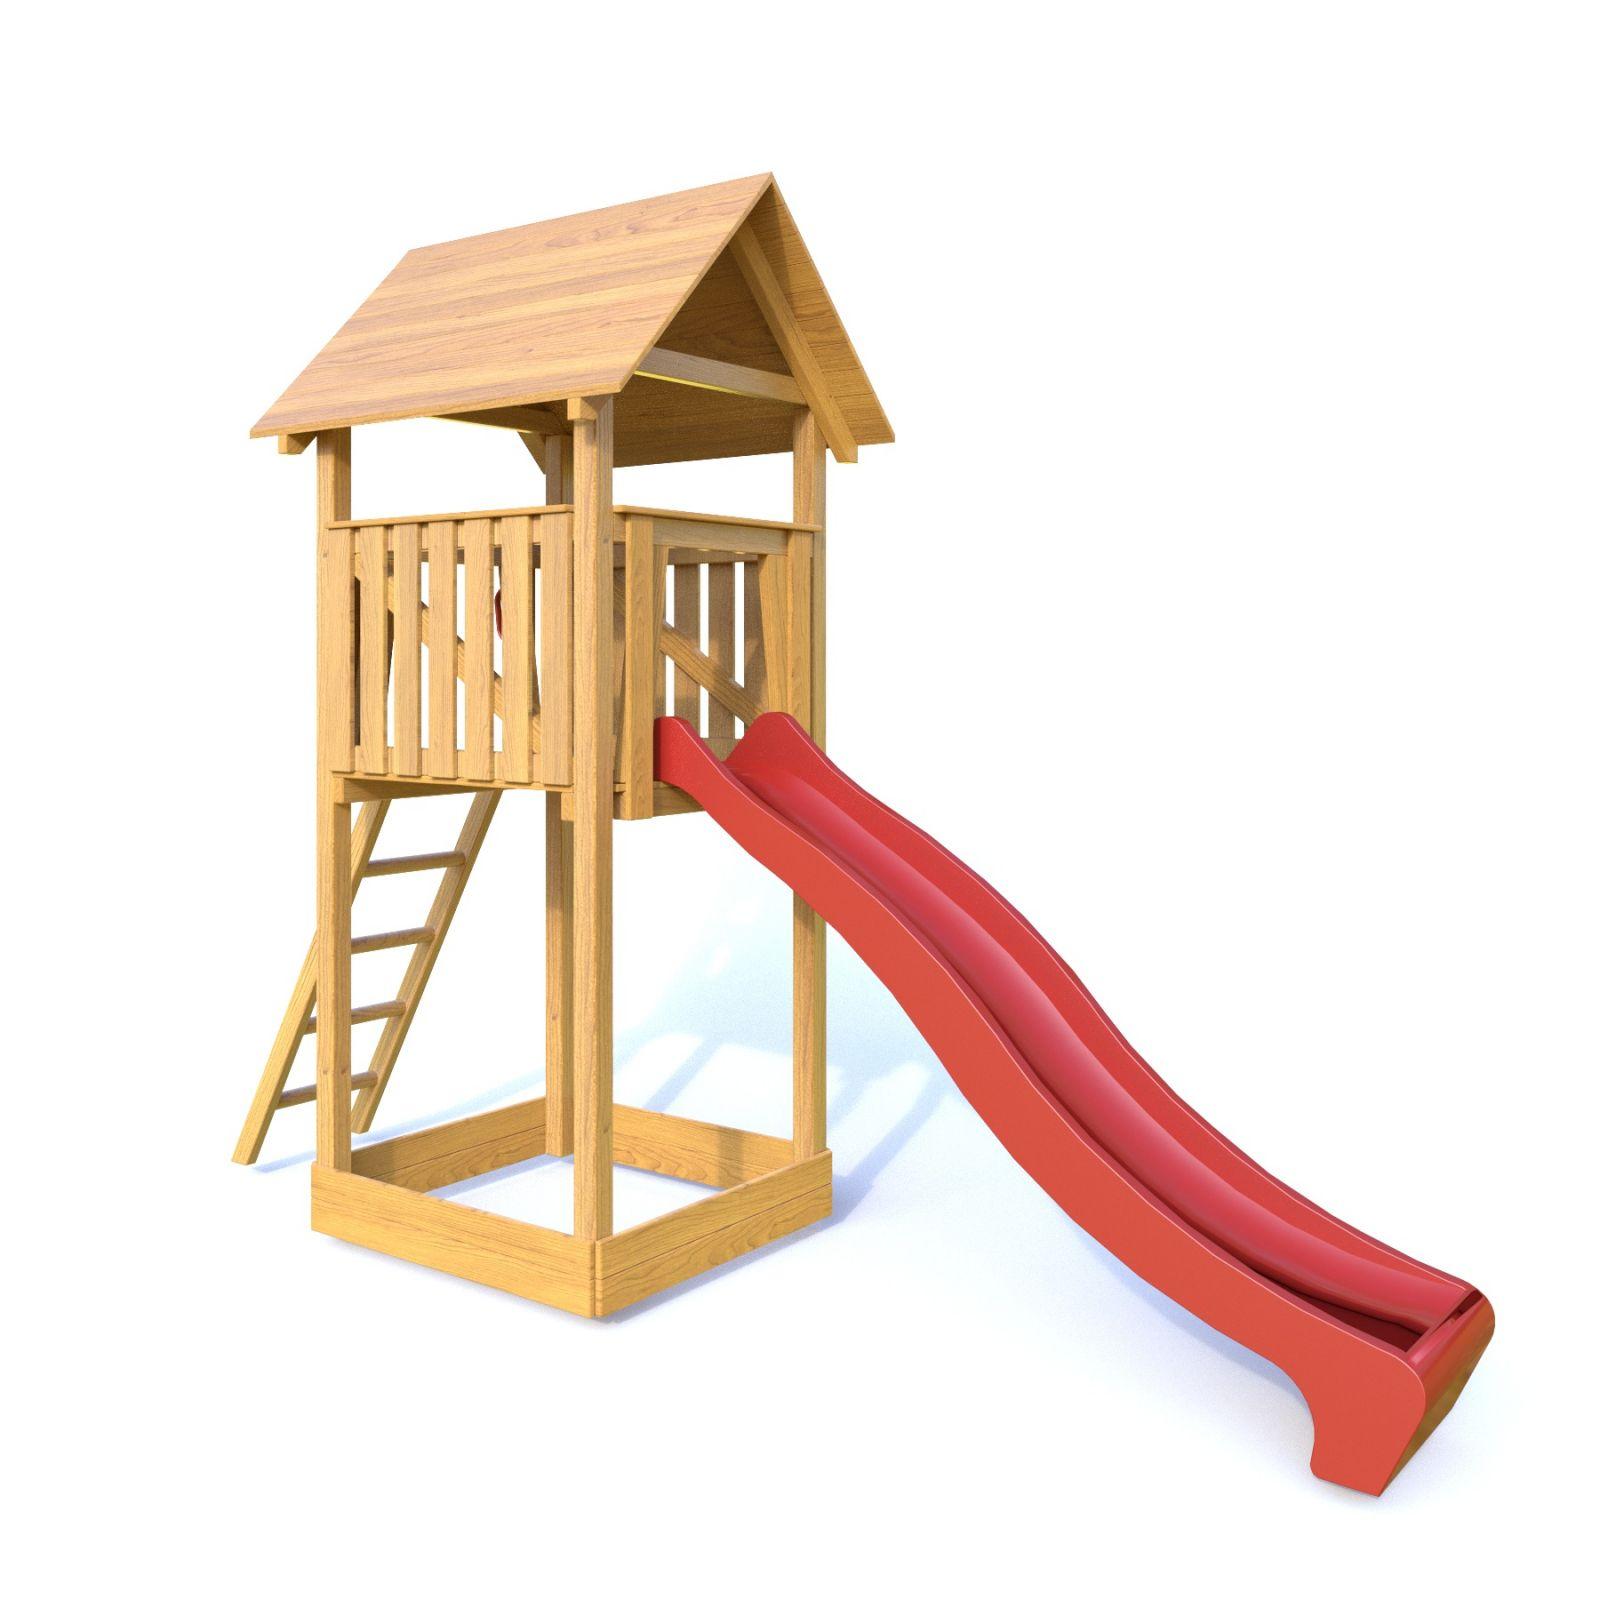 Dřevěné hračky Dřevěné dětské hřiště - Stavebnice hřiště Lucinka PA